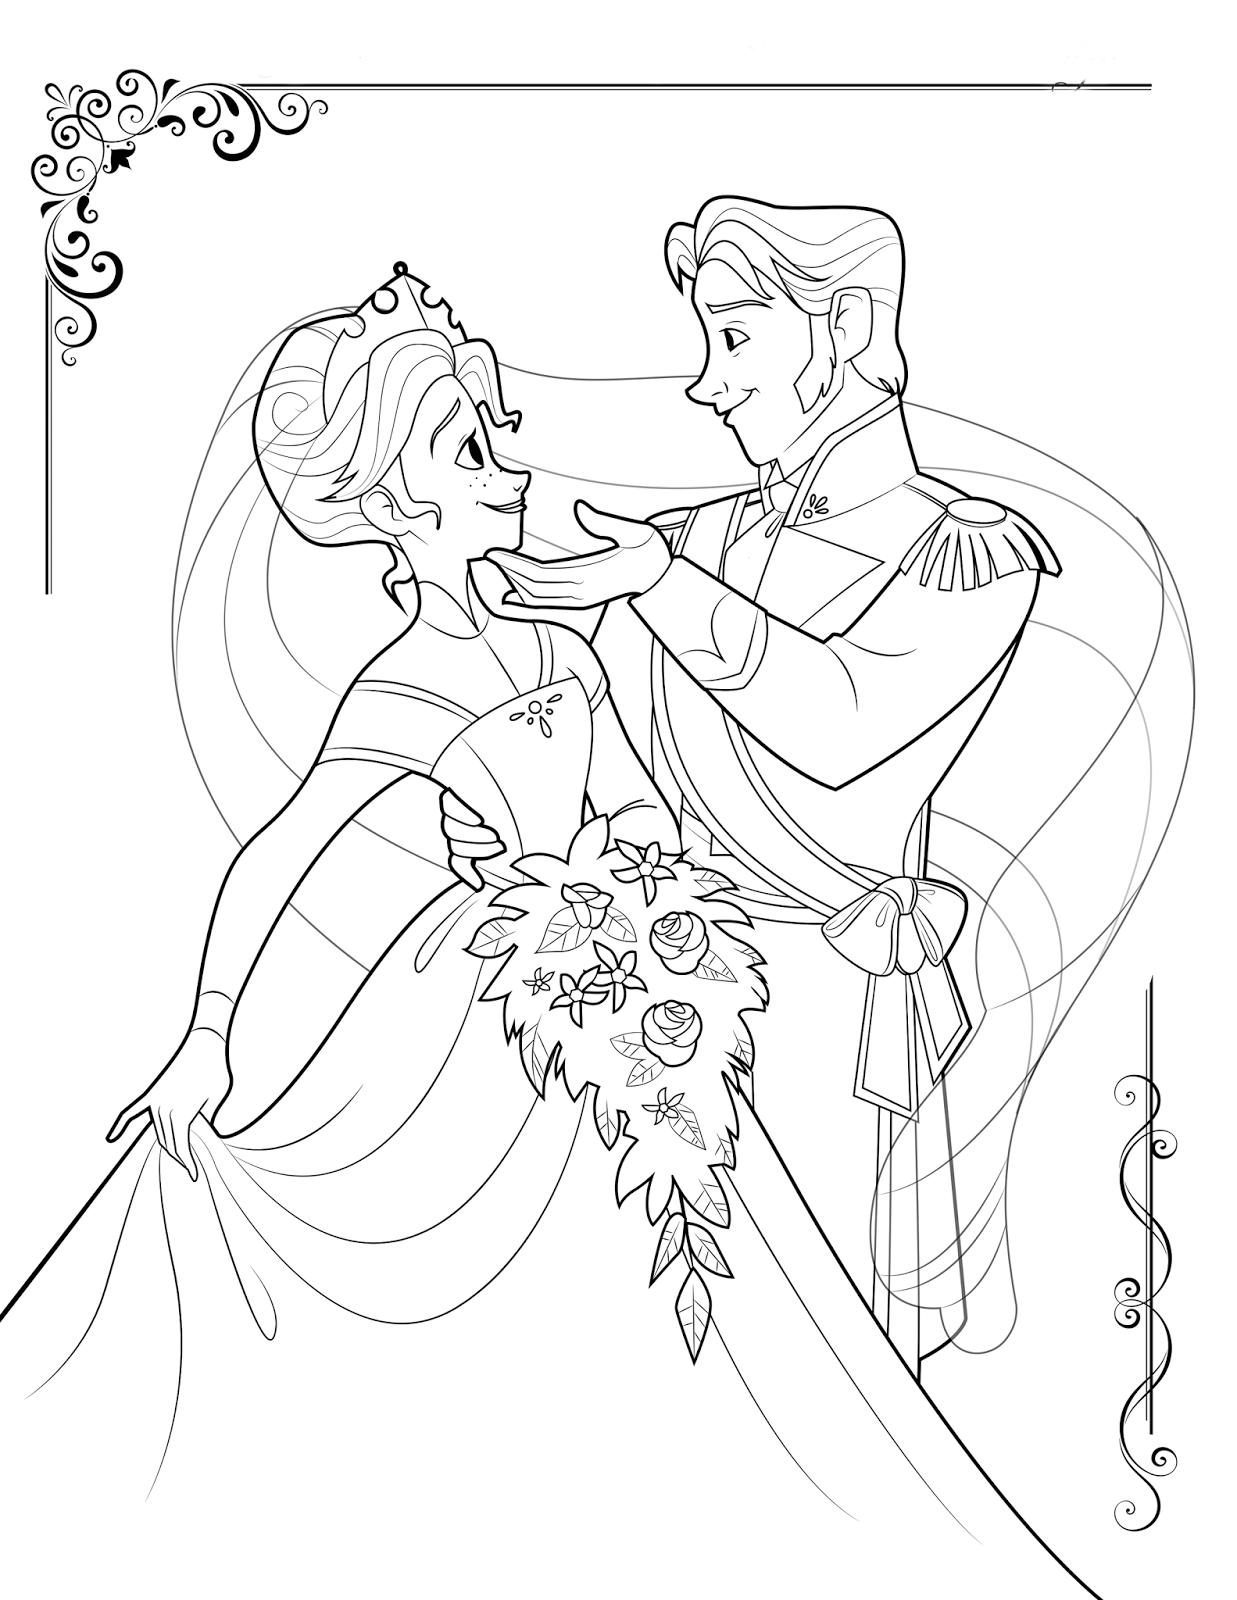 coloring frozen disney movie princesses quotfrozenquot printable coloring pages coloring frozen